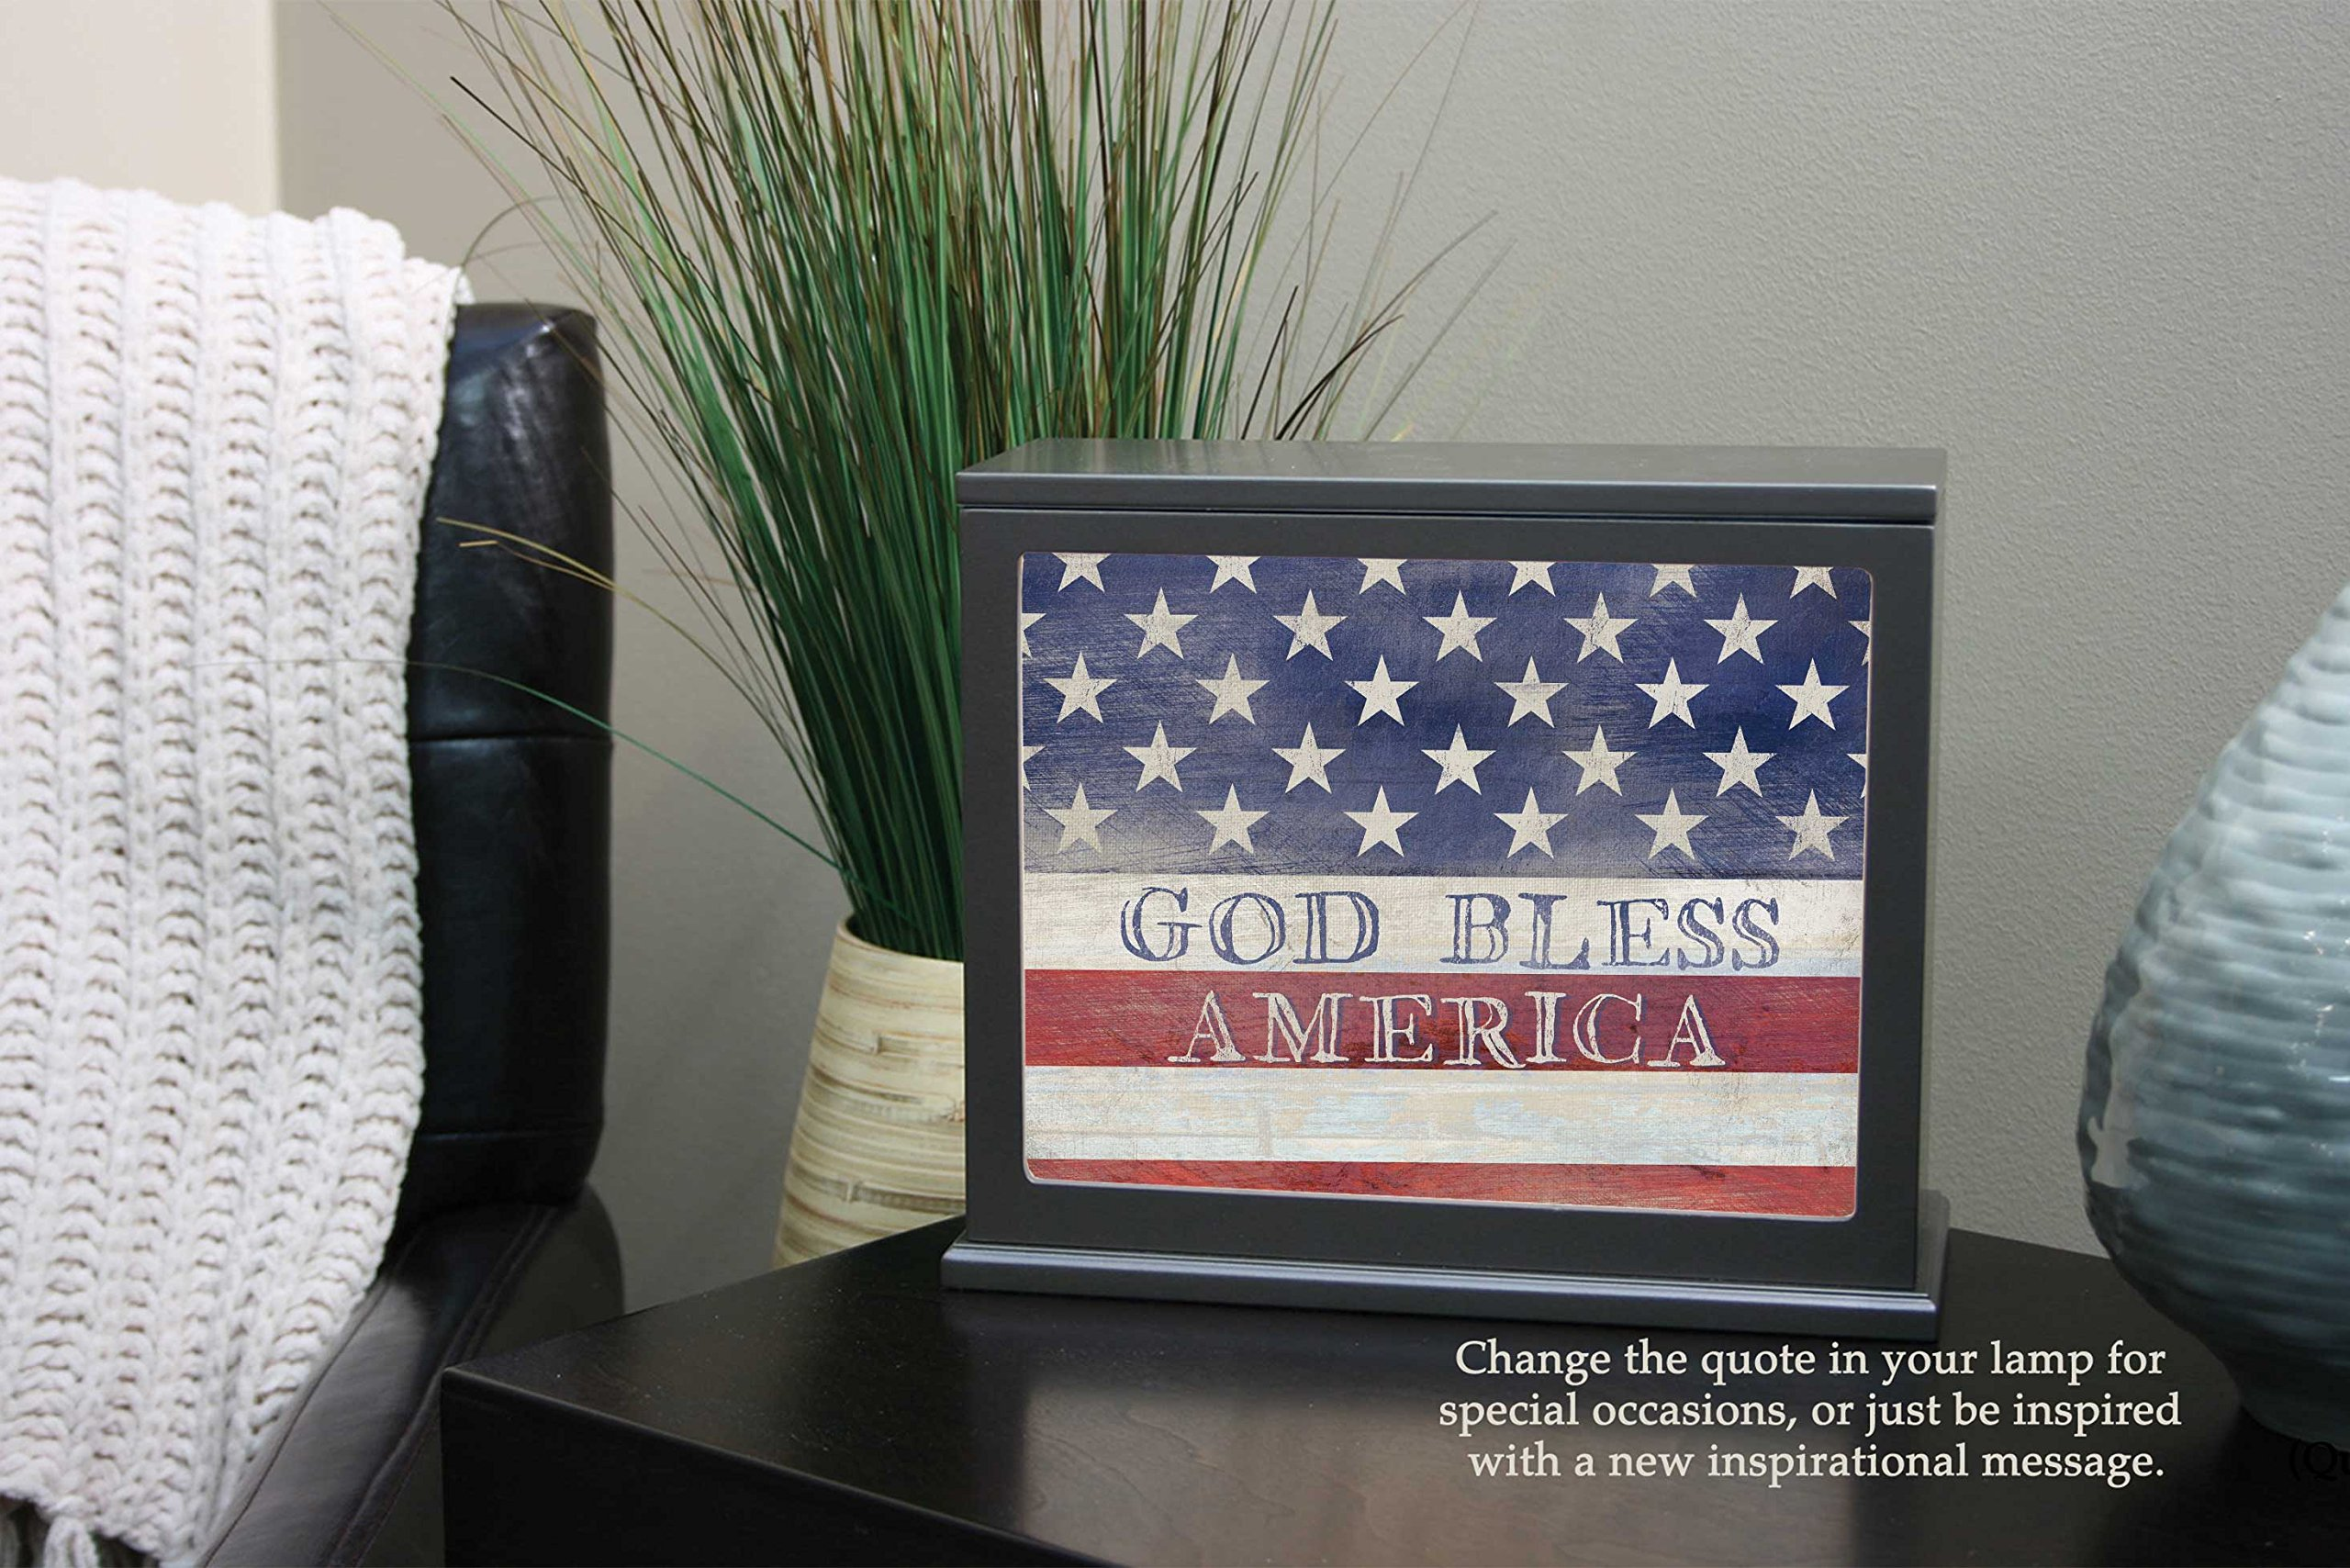 Jada Venia 9.75'' x 7.75'' God Bless America Light Box Insert